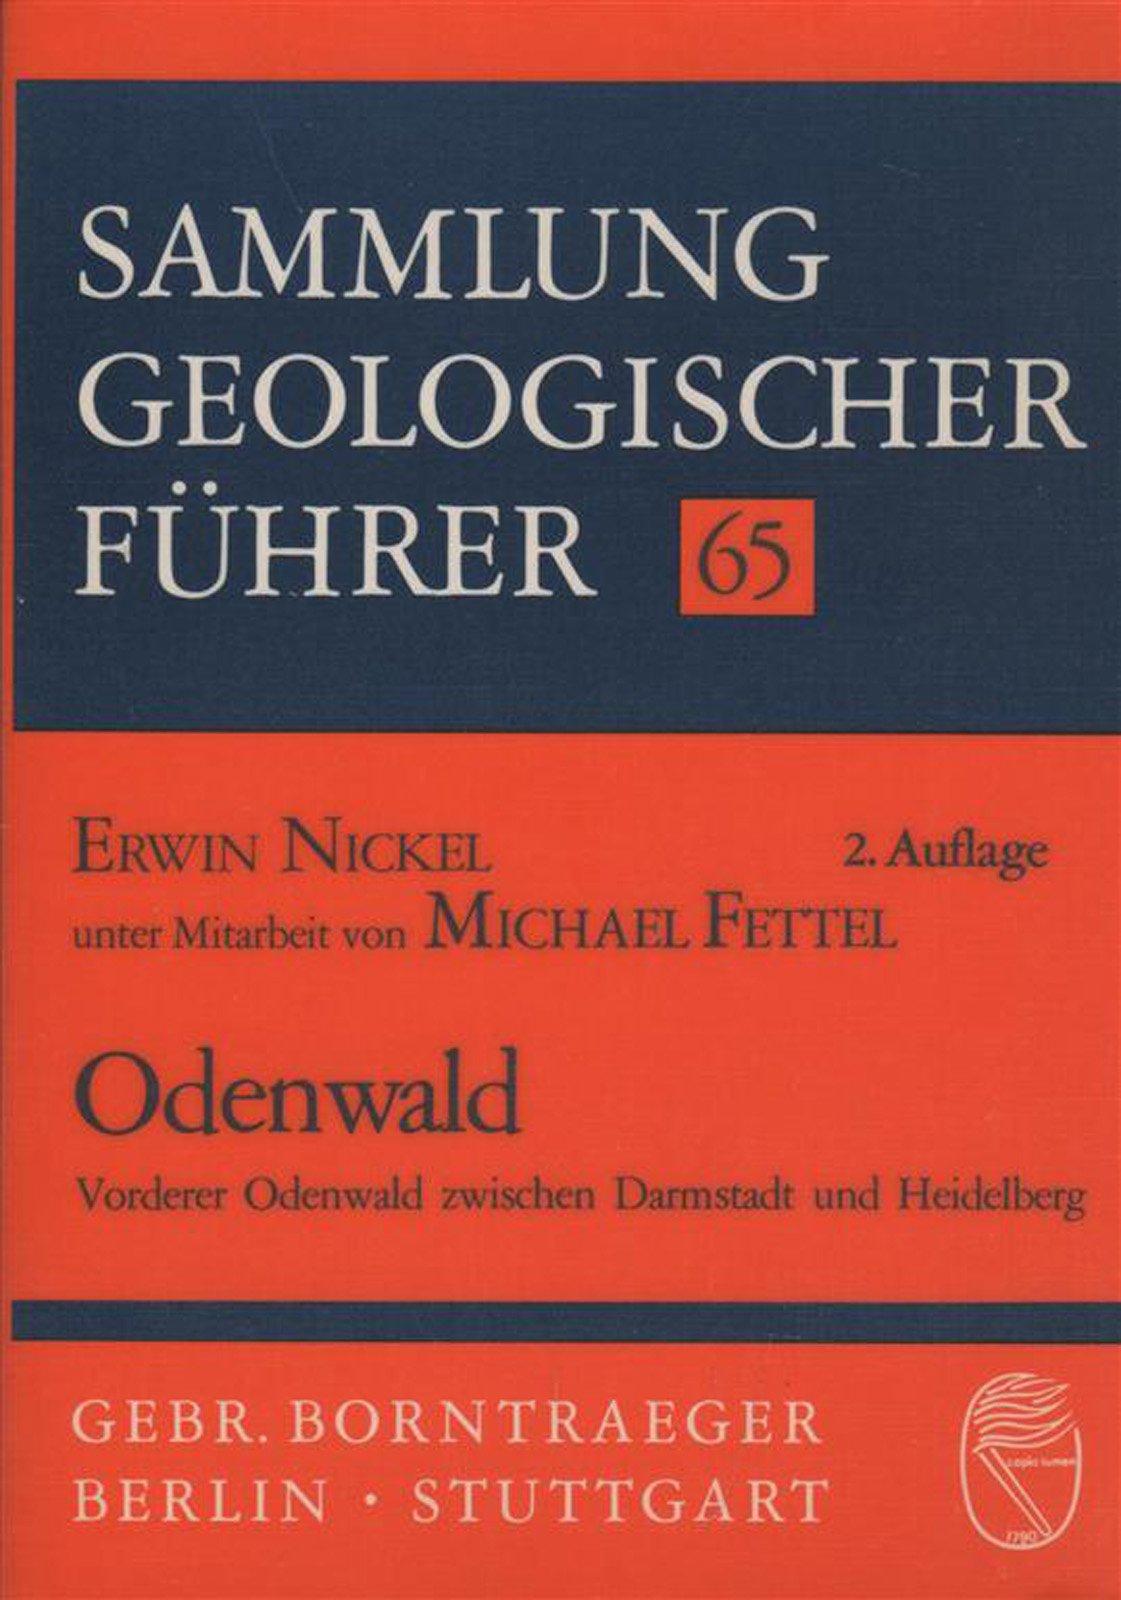 odenwald-vorderer-odenwald-zwischen-darmstadt-und-heidelberg